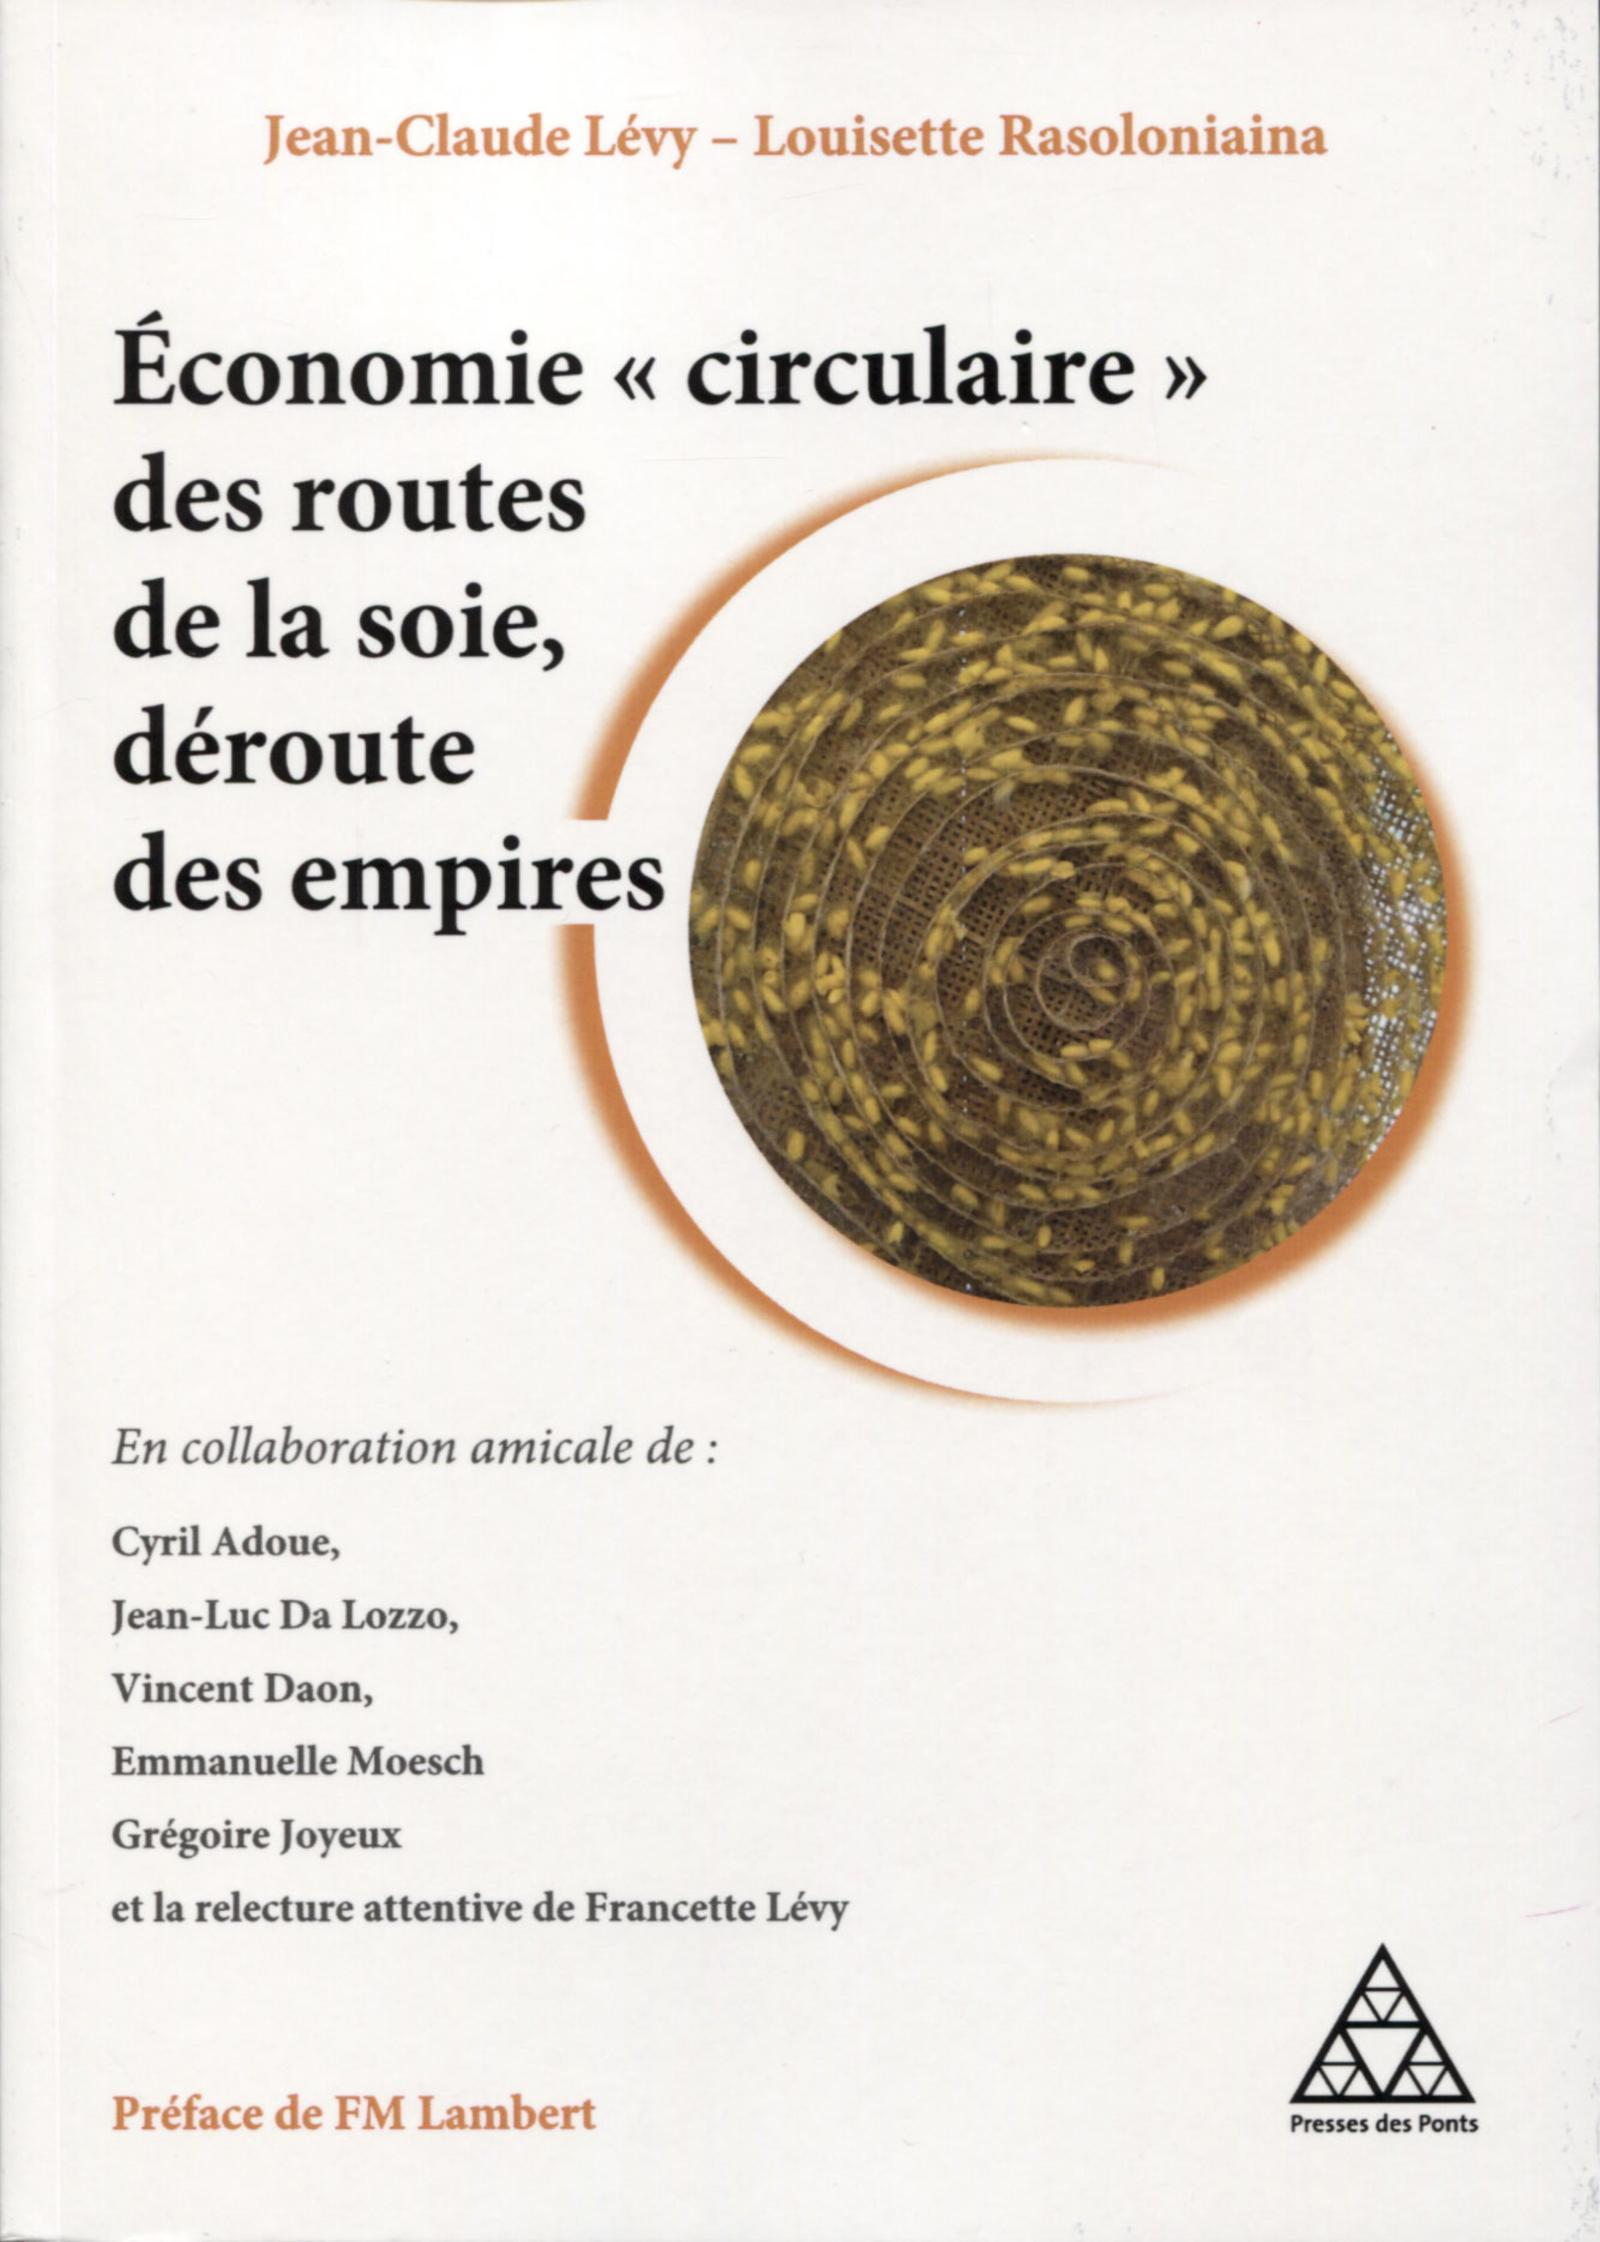 """ECONOMIE """"CIRCULAIRE"""" DES ROUTES DE LA SOIE, DEROUTE DES EMPIRES"""